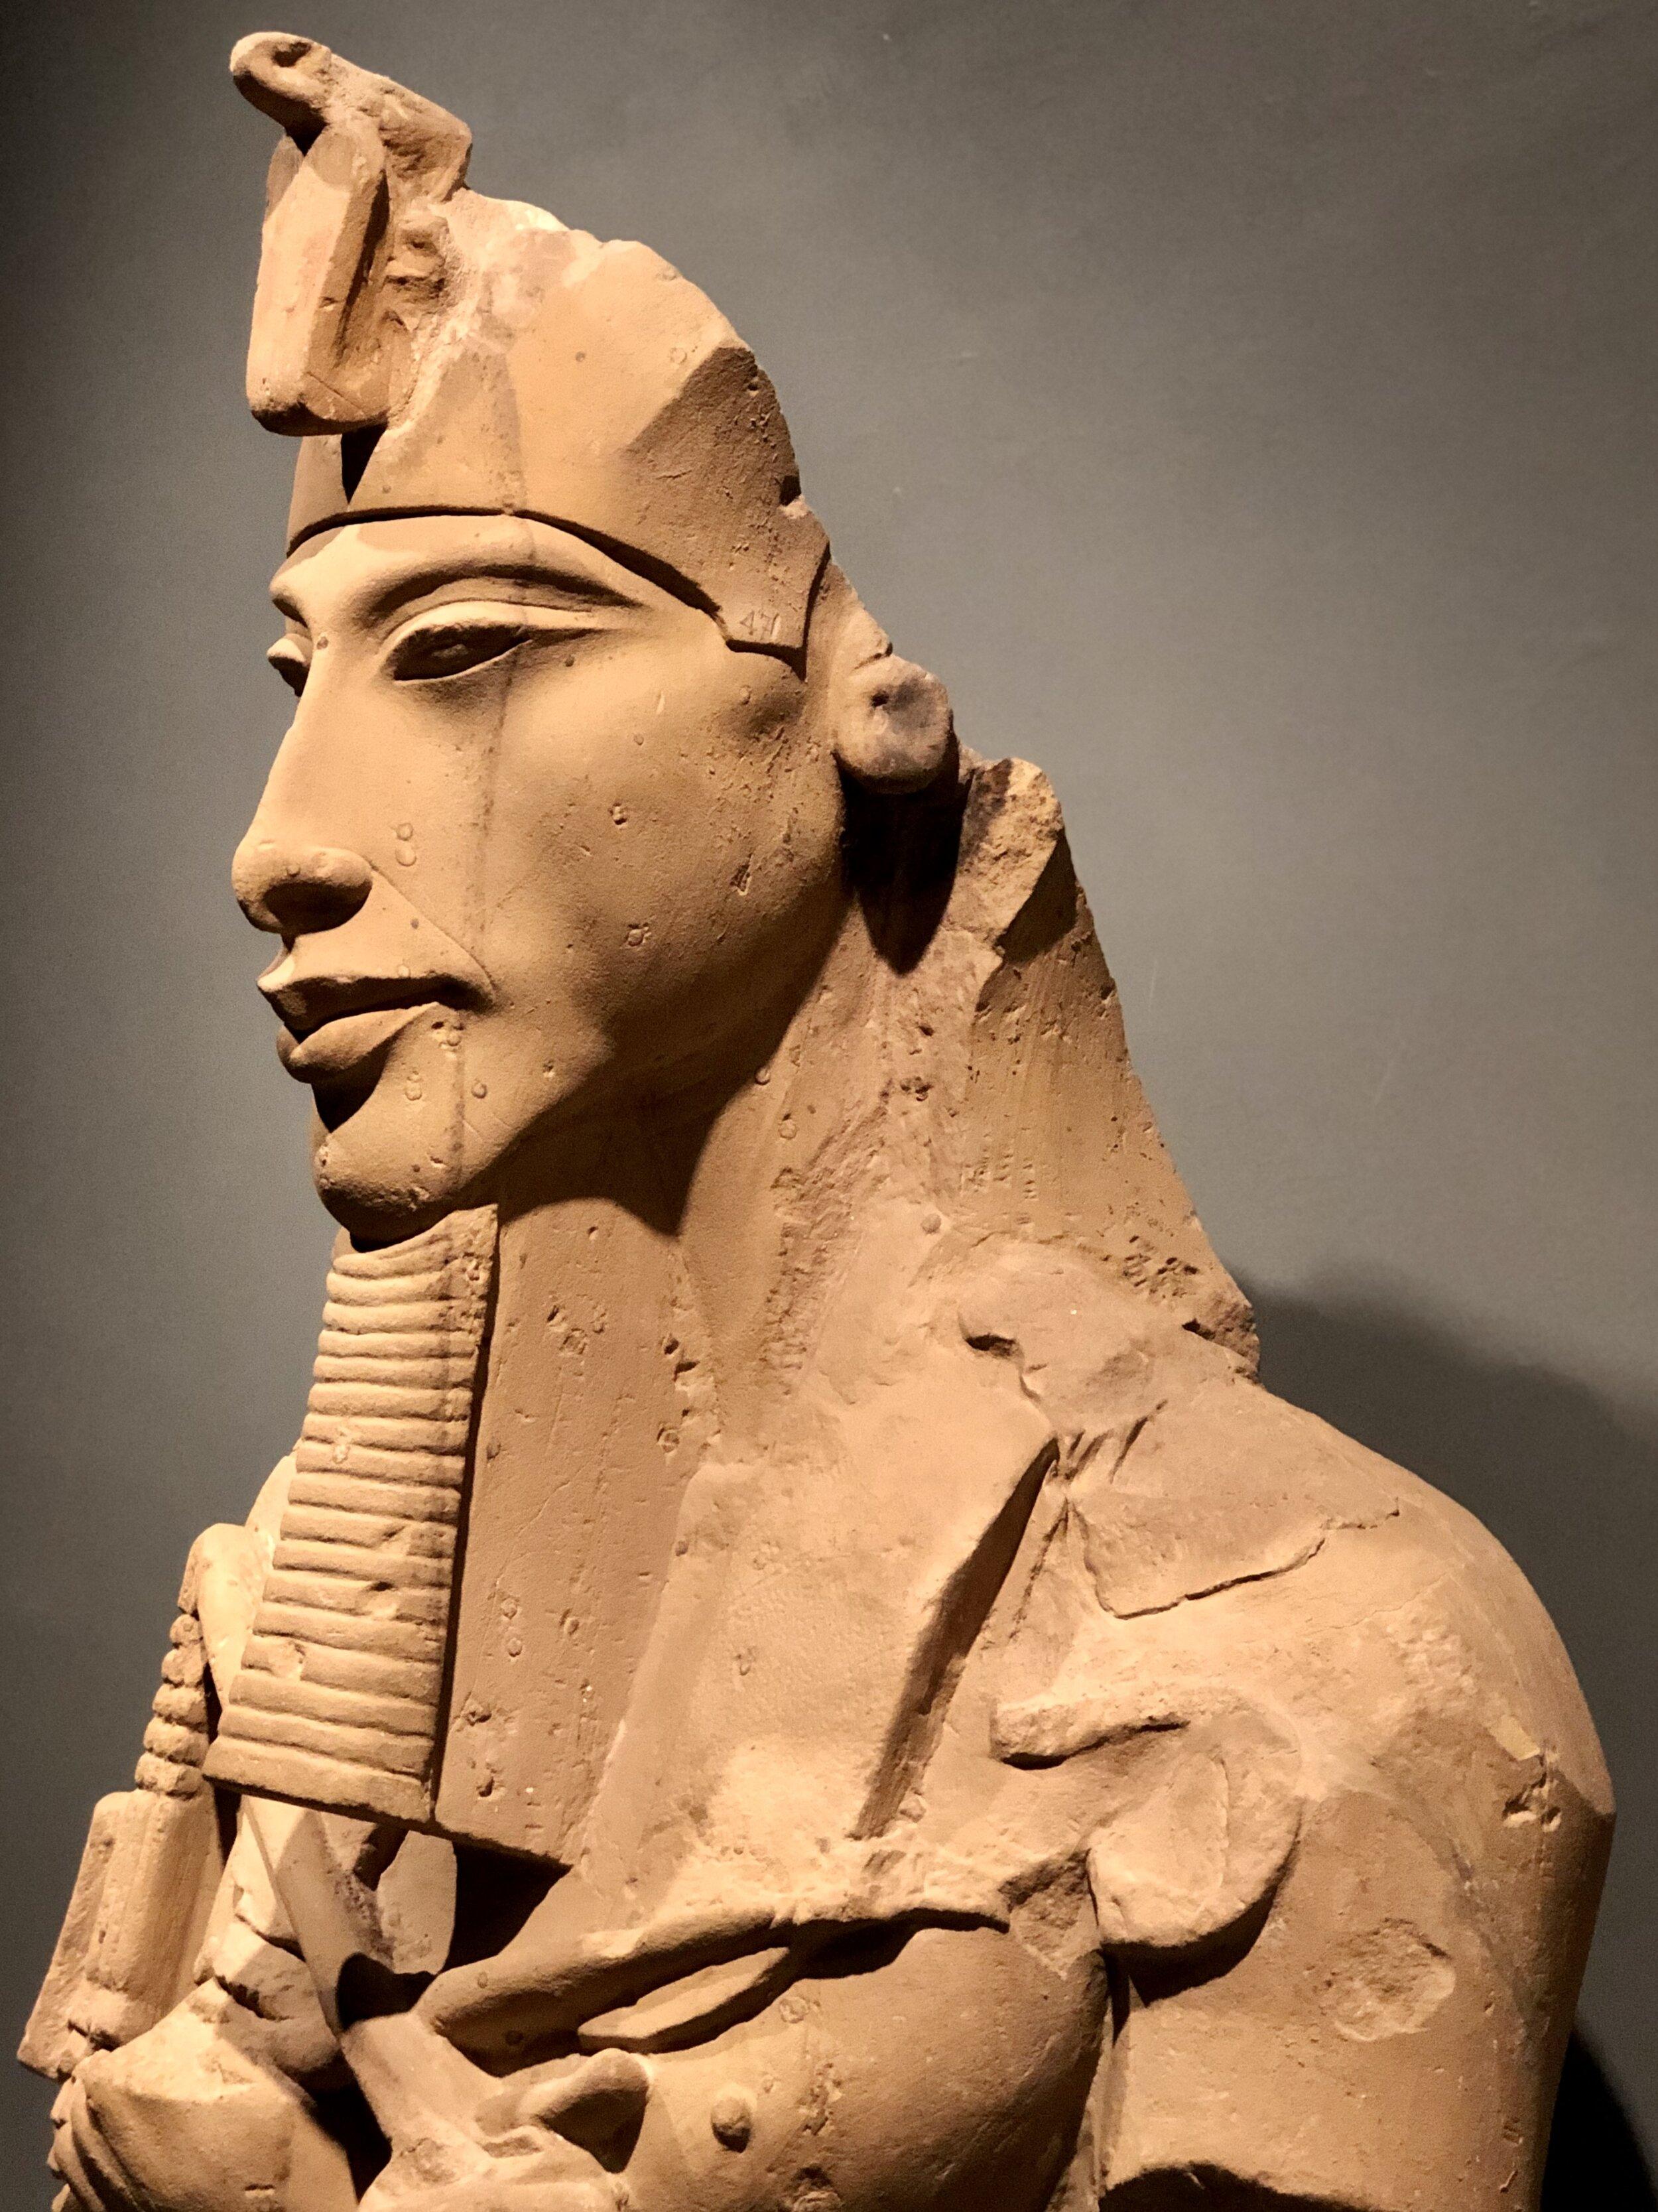 Une transition orchestrale prépare cette scène qui est consacrée entièrement à un duo entre akhenaton… Controversial Theories About Akhenaten Ancient Egypt S Heretic King